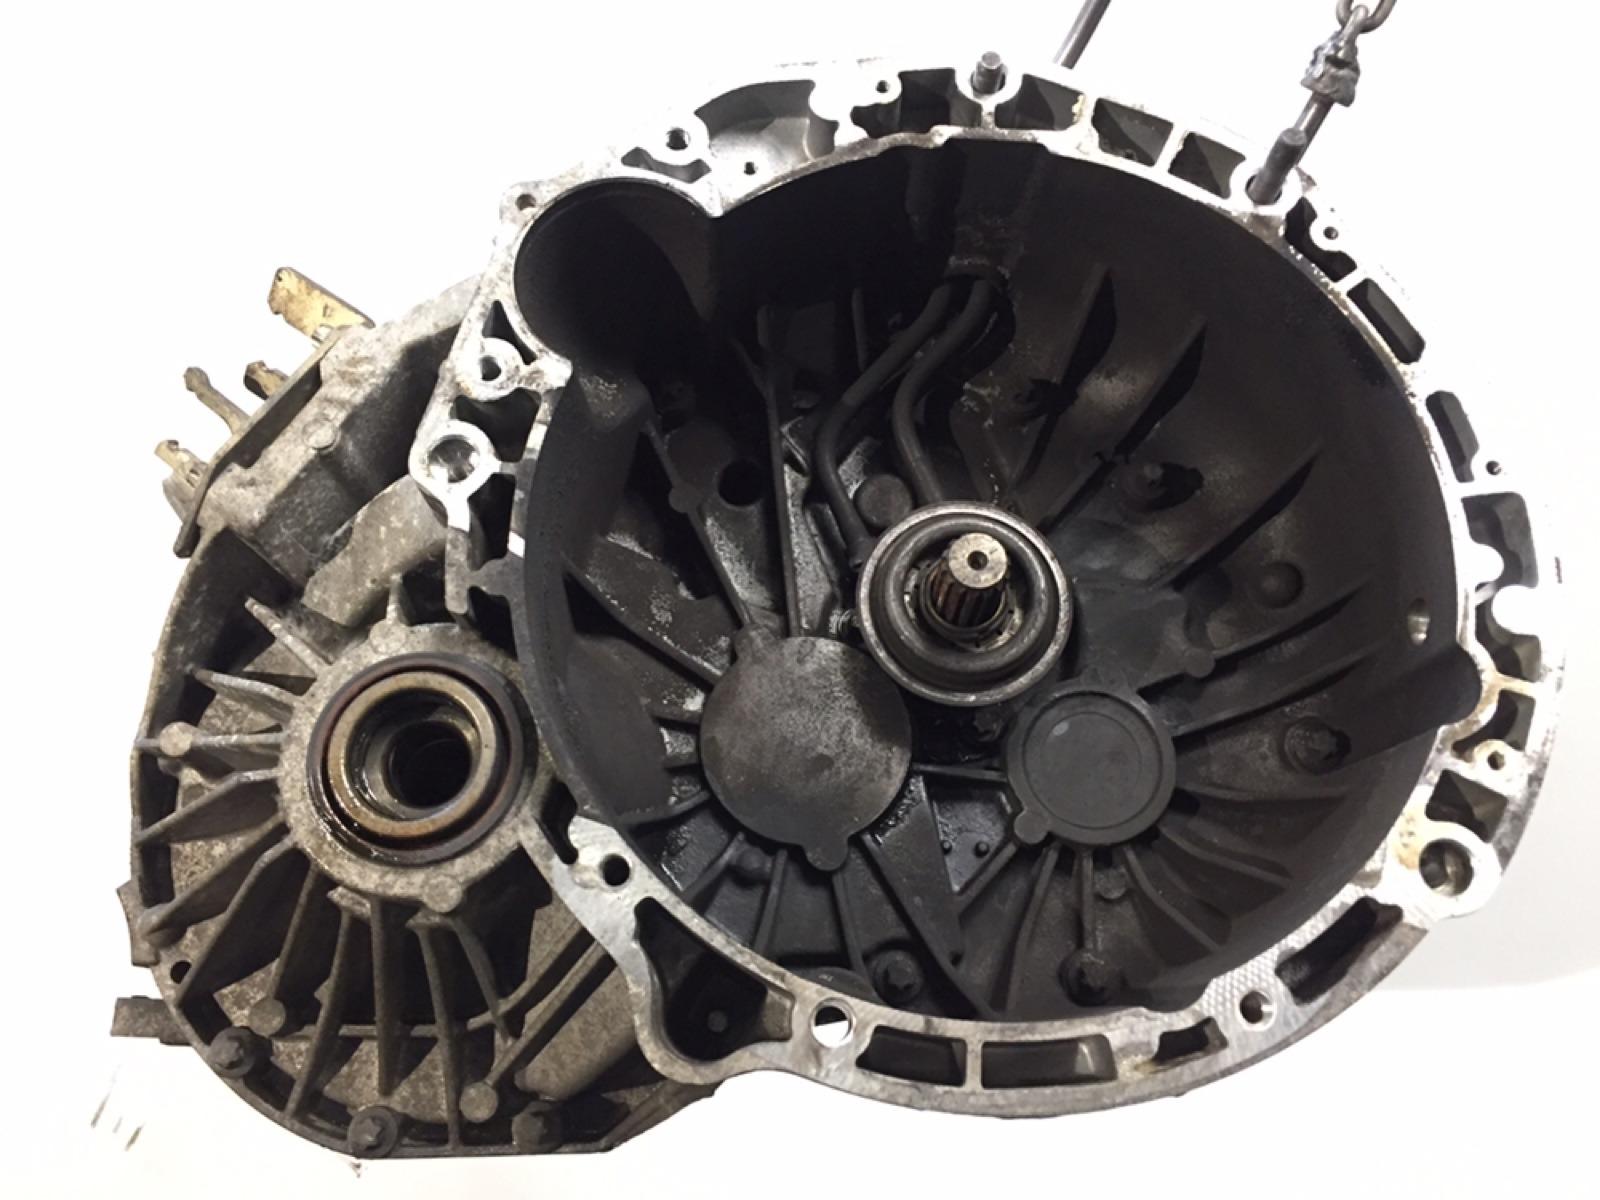 Кпп механическая (мкпп) Rover 75 1.8 TI 2003 (б/у)